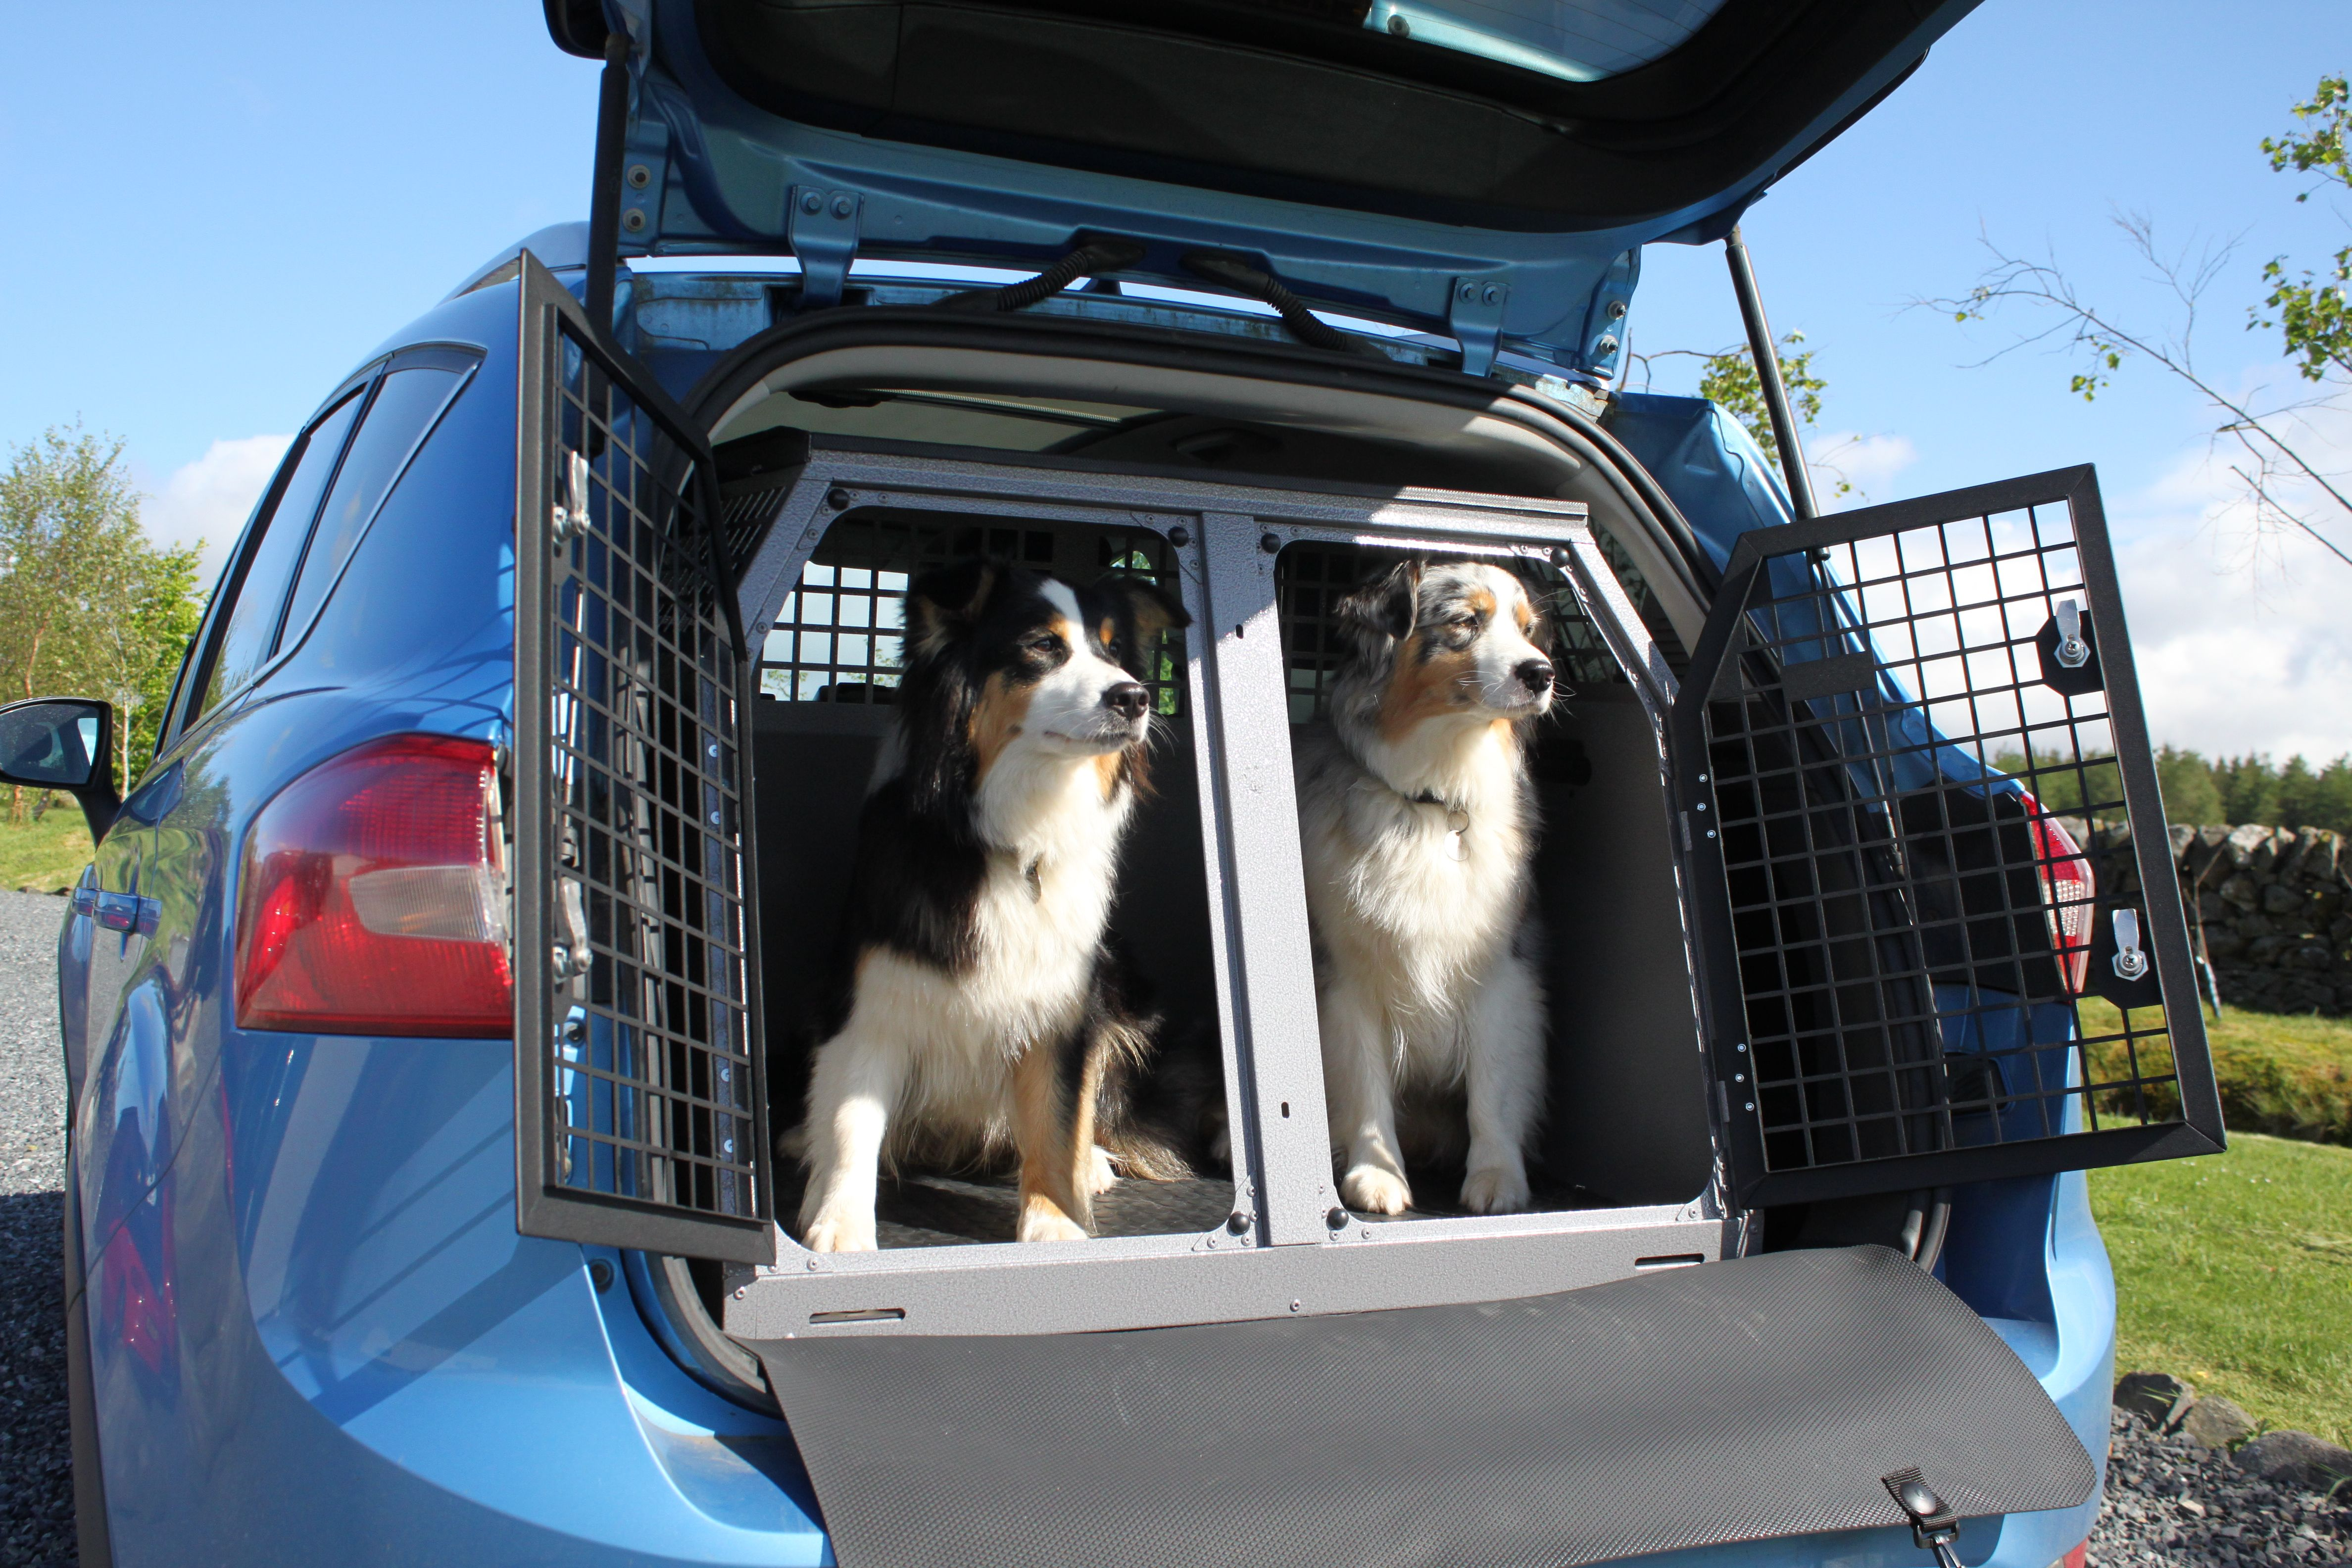 Australian Shepherd Dogs Flurry And Roxy In Transk9 B21 Dog